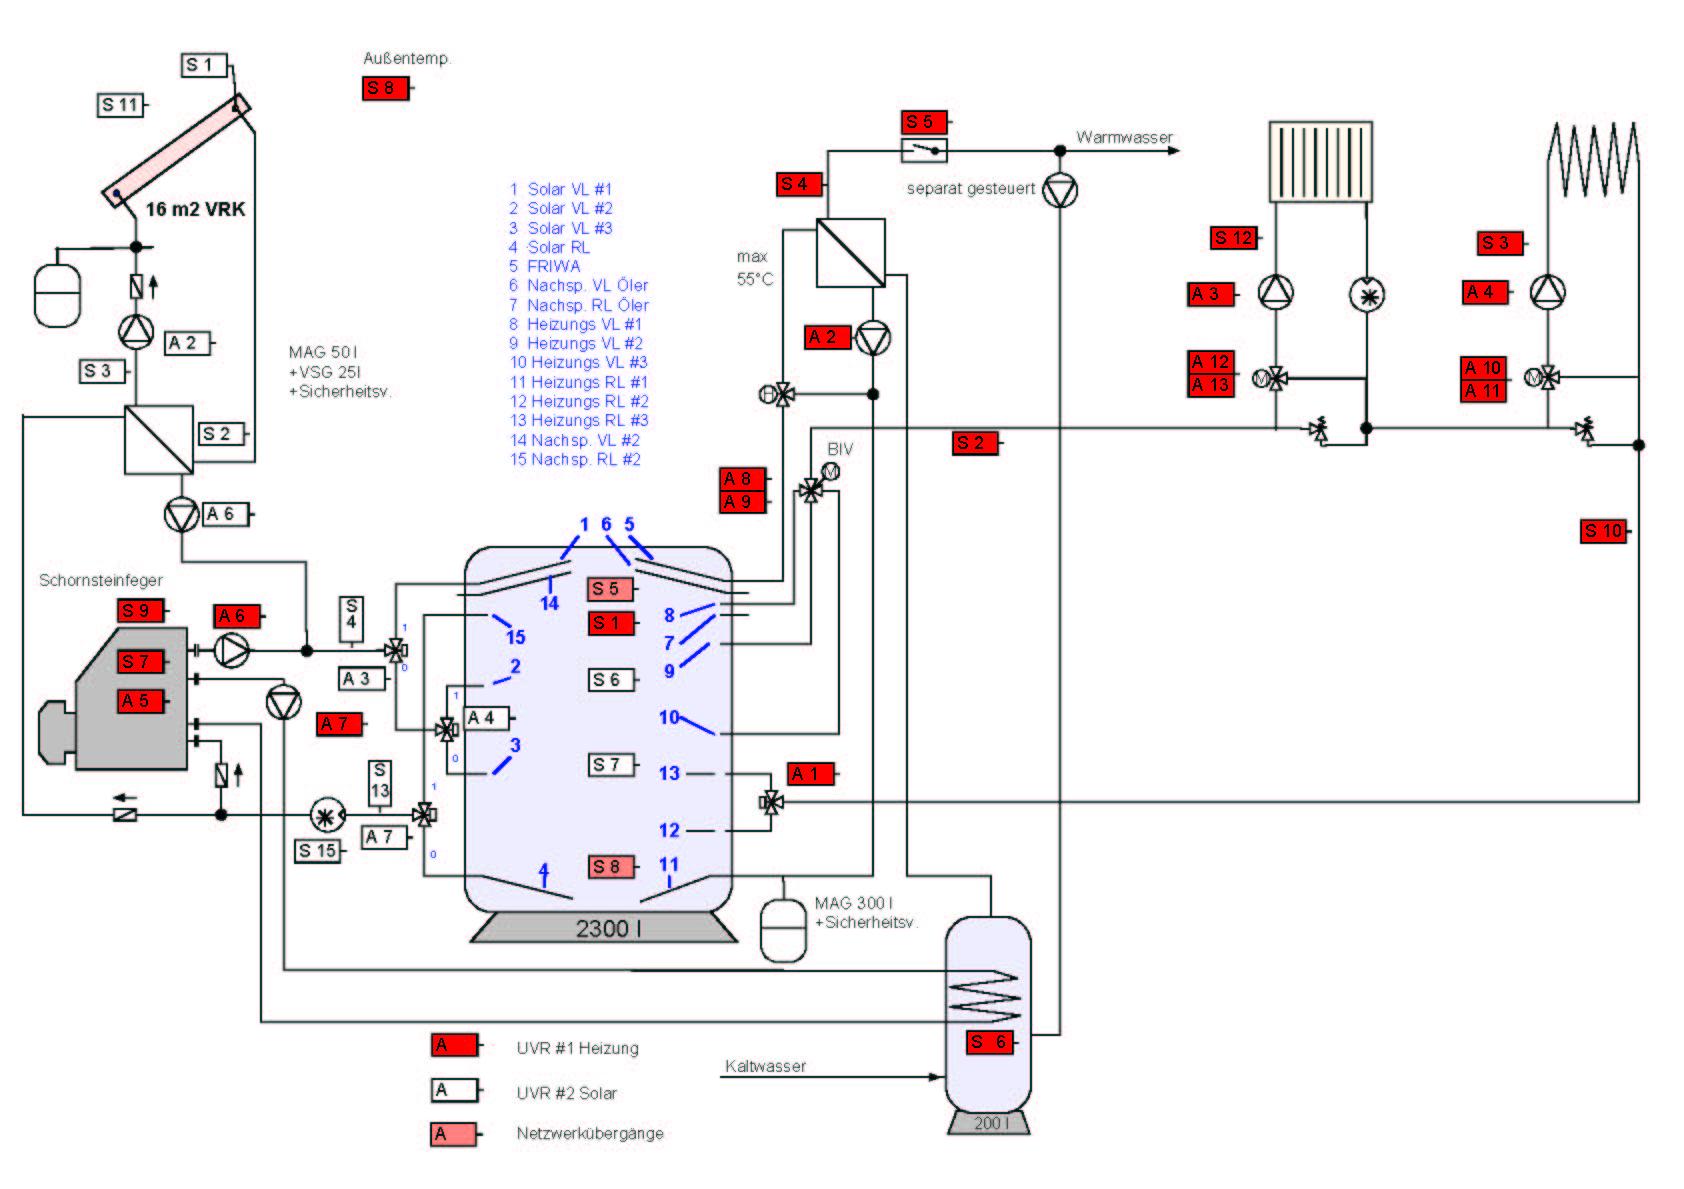 gro z gig fu bodenheizung schema bilder der schaltplan. Black Bedroom Furniture Sets. Home Design Ideas